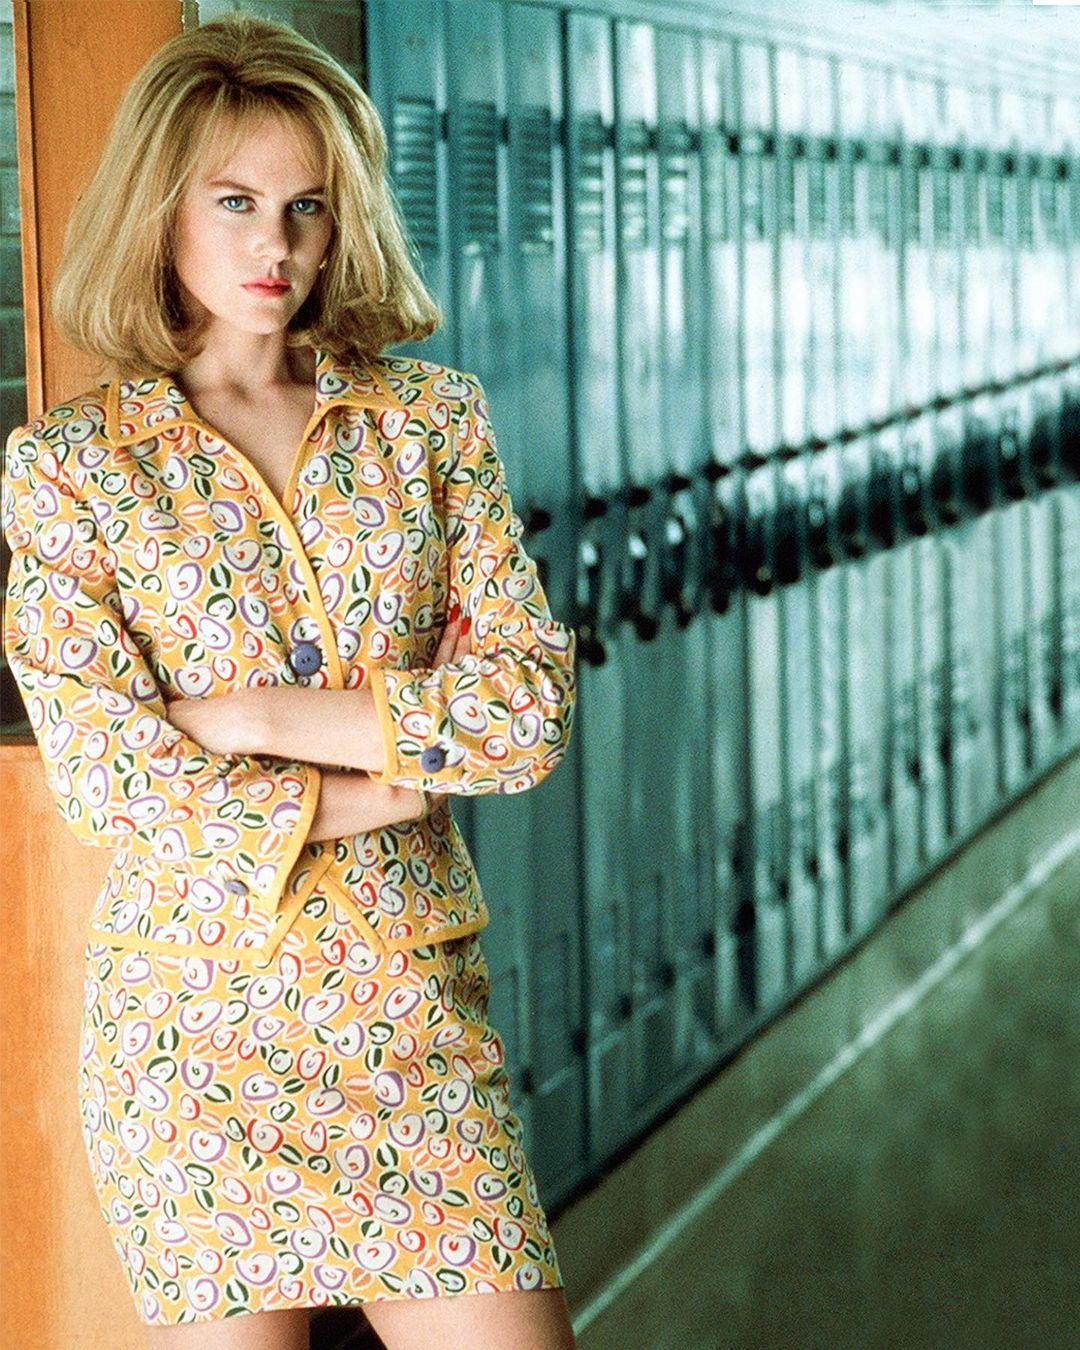 Николь Кидман показала редкие фото архивные из молодости: слишком хороша